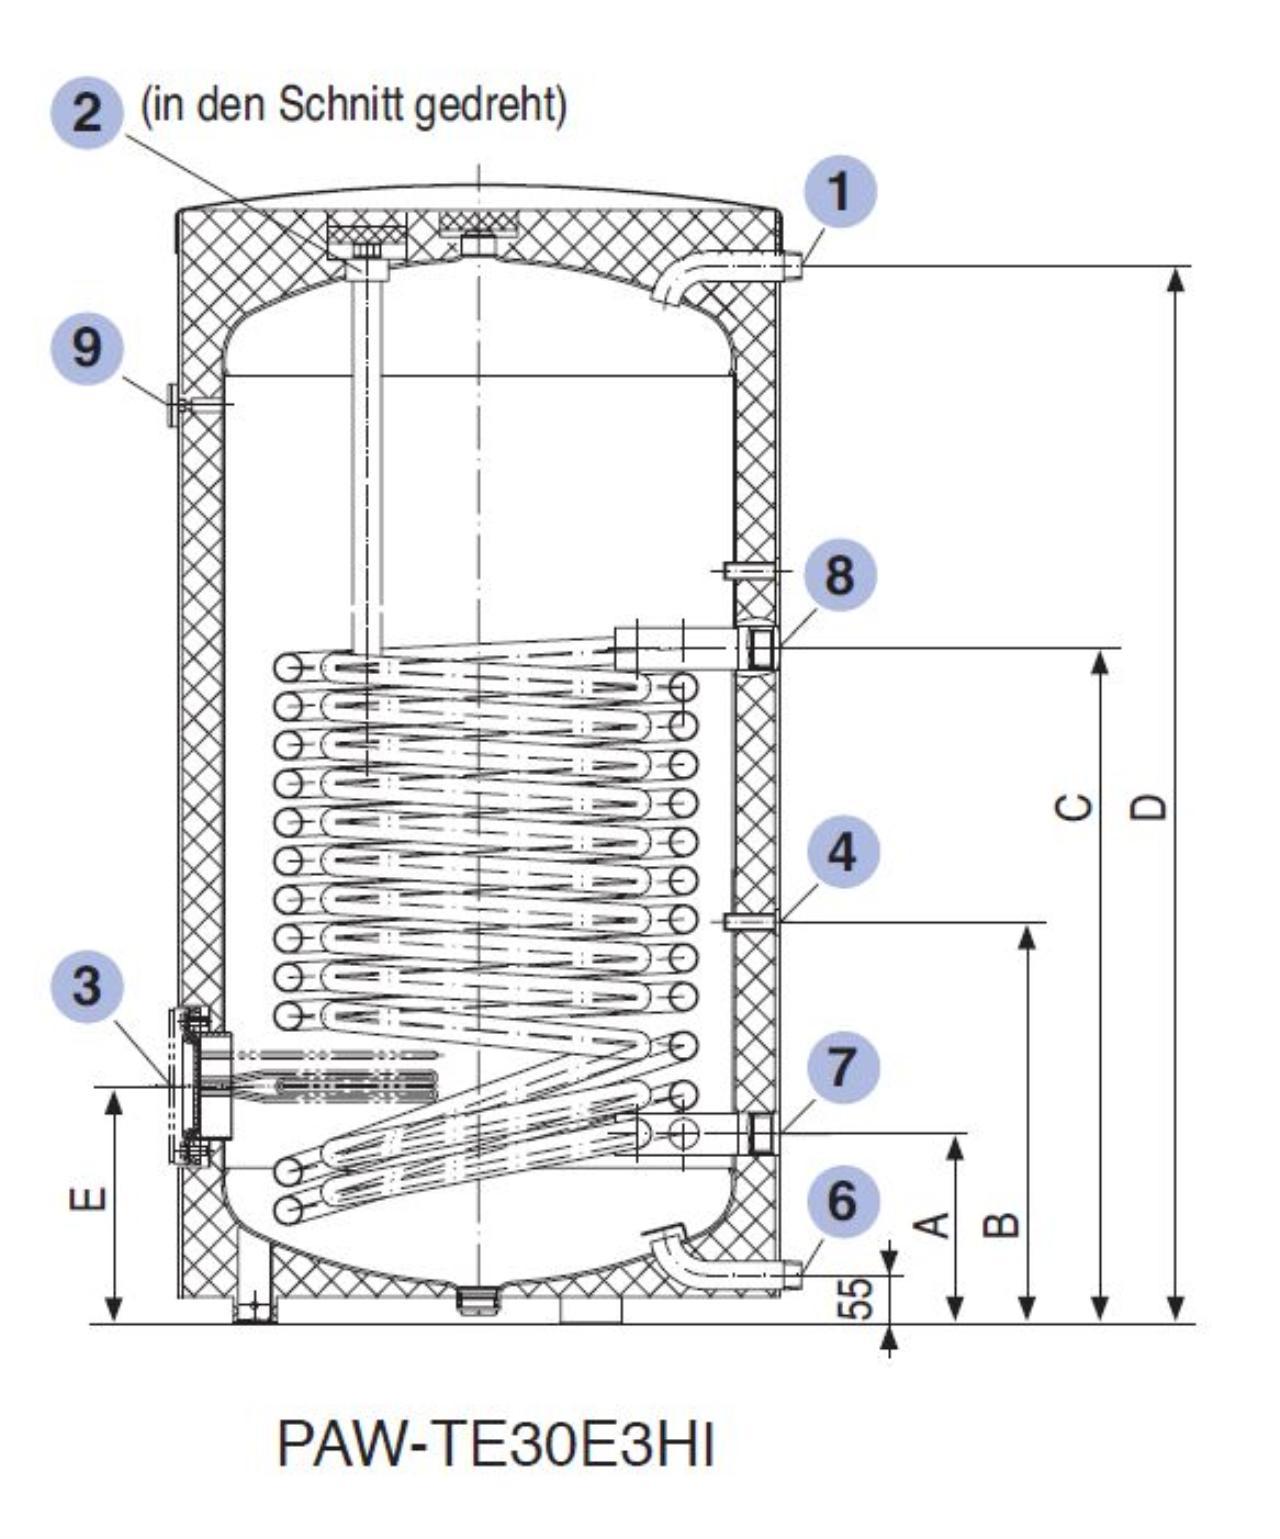 Speichergröße für Heizkörper - Seite 2   Energieforum auf ...